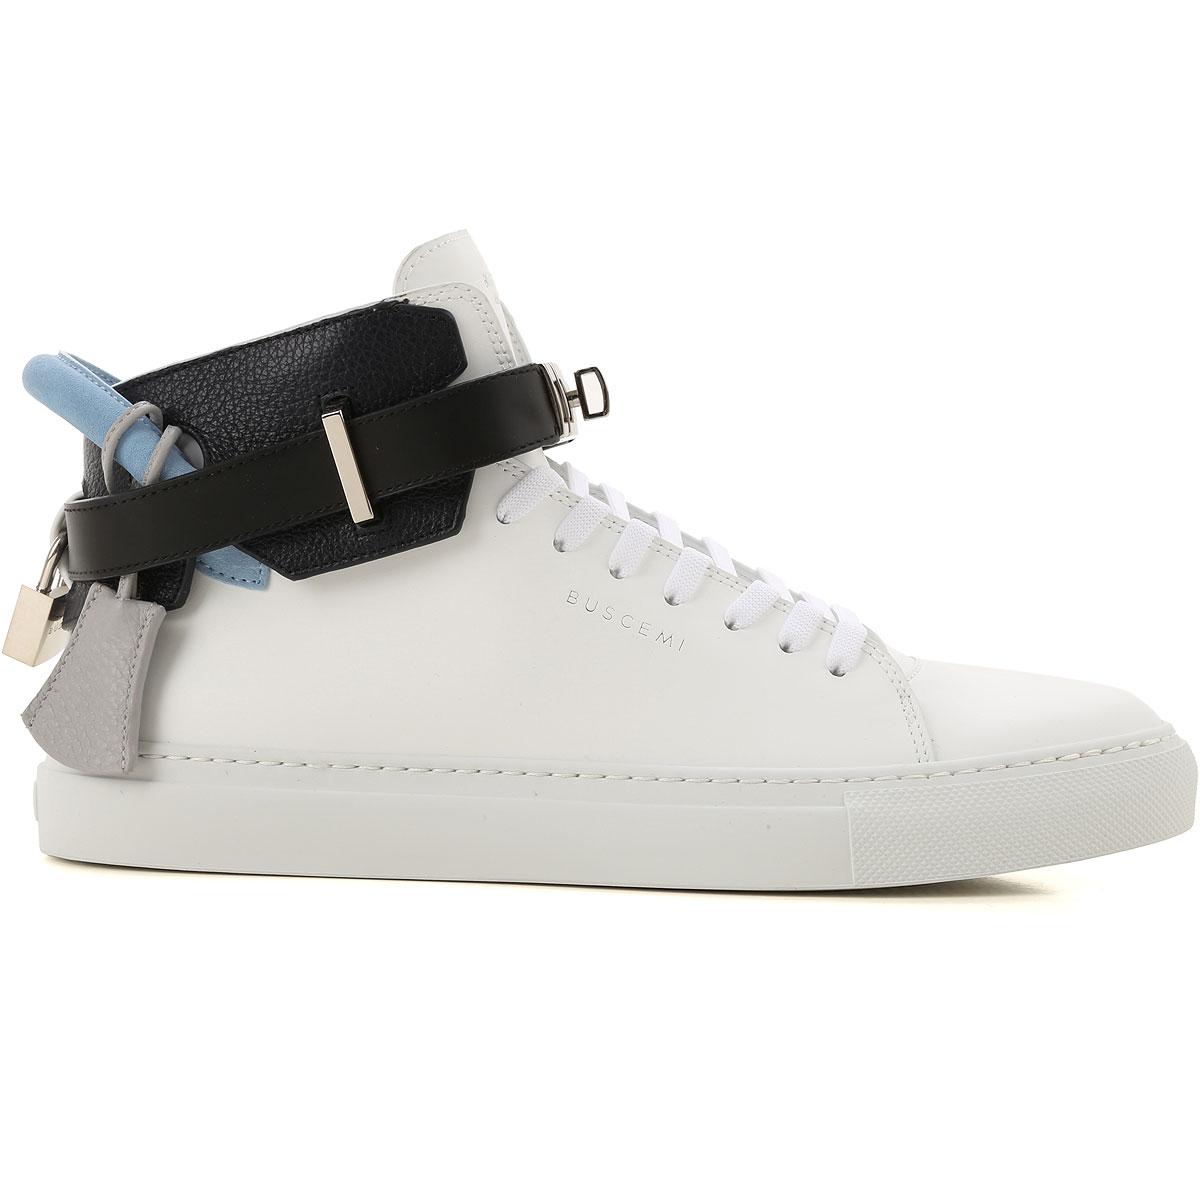 K3lt1jfc Printempsété Buscemi Chaussures Homme 2019 Remise bgmIY67yvf